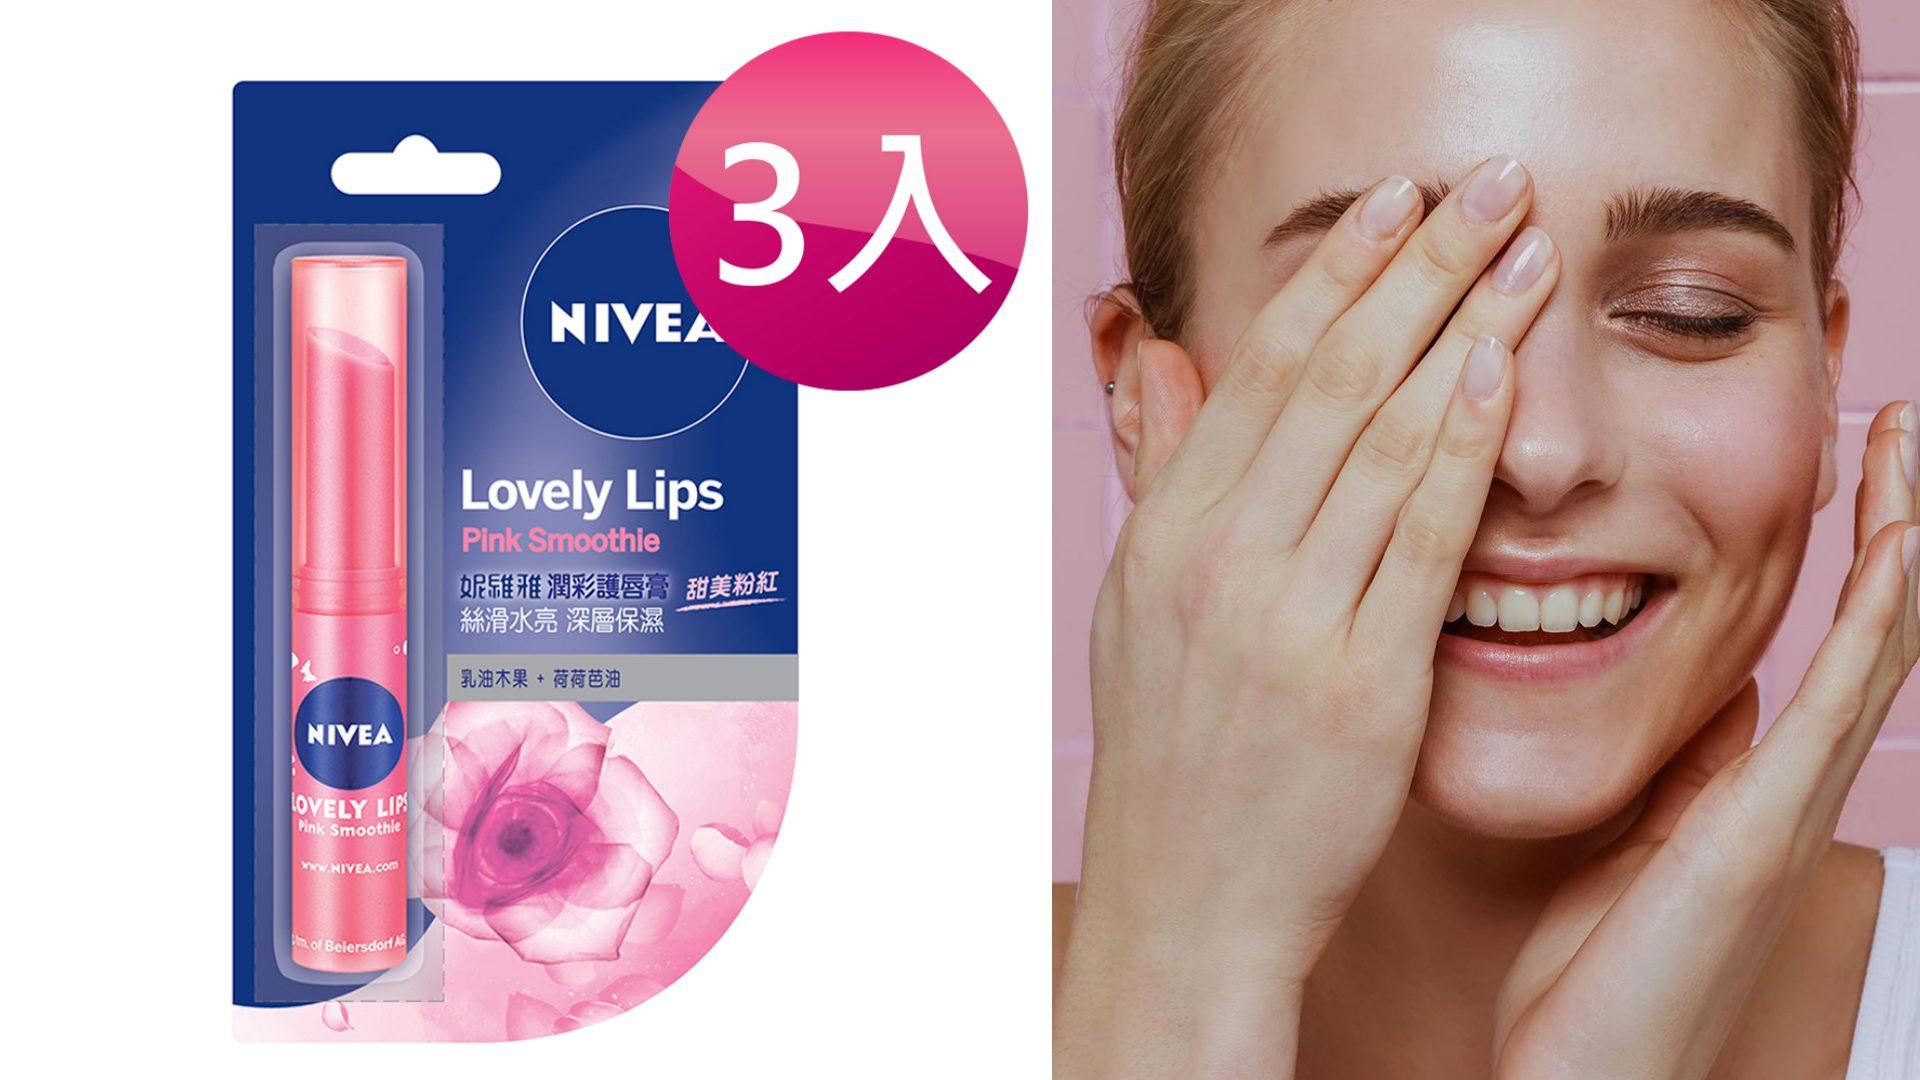 淡淡透明的粉紅潤澤色彩,讓雙唇透出絲滑水亮感,展現粉紅甜心般夢幻雙唇!